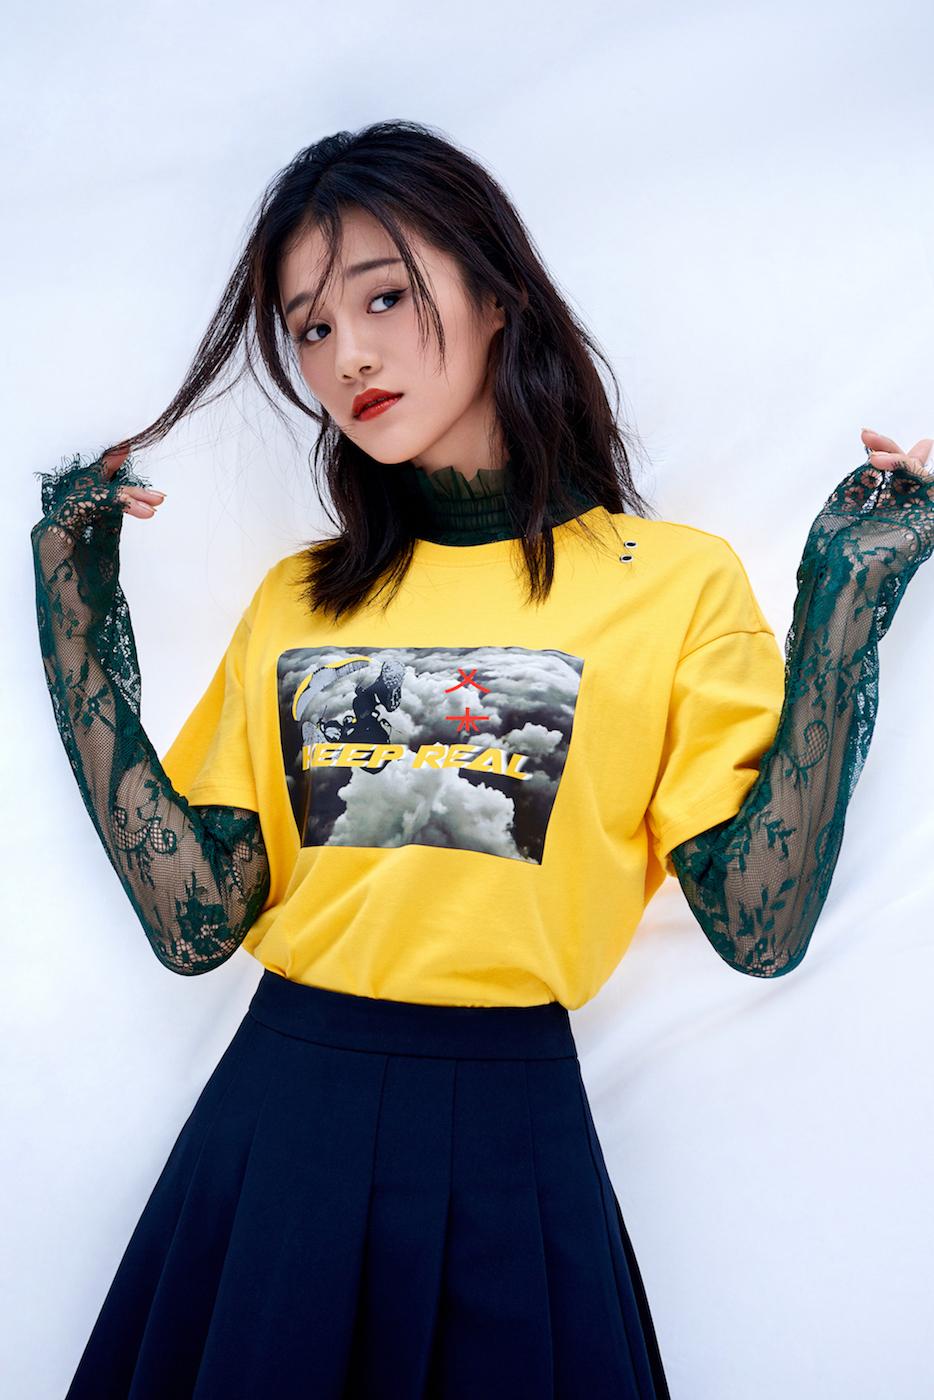 安悦溪俏皮写真曝光 展花式少女力